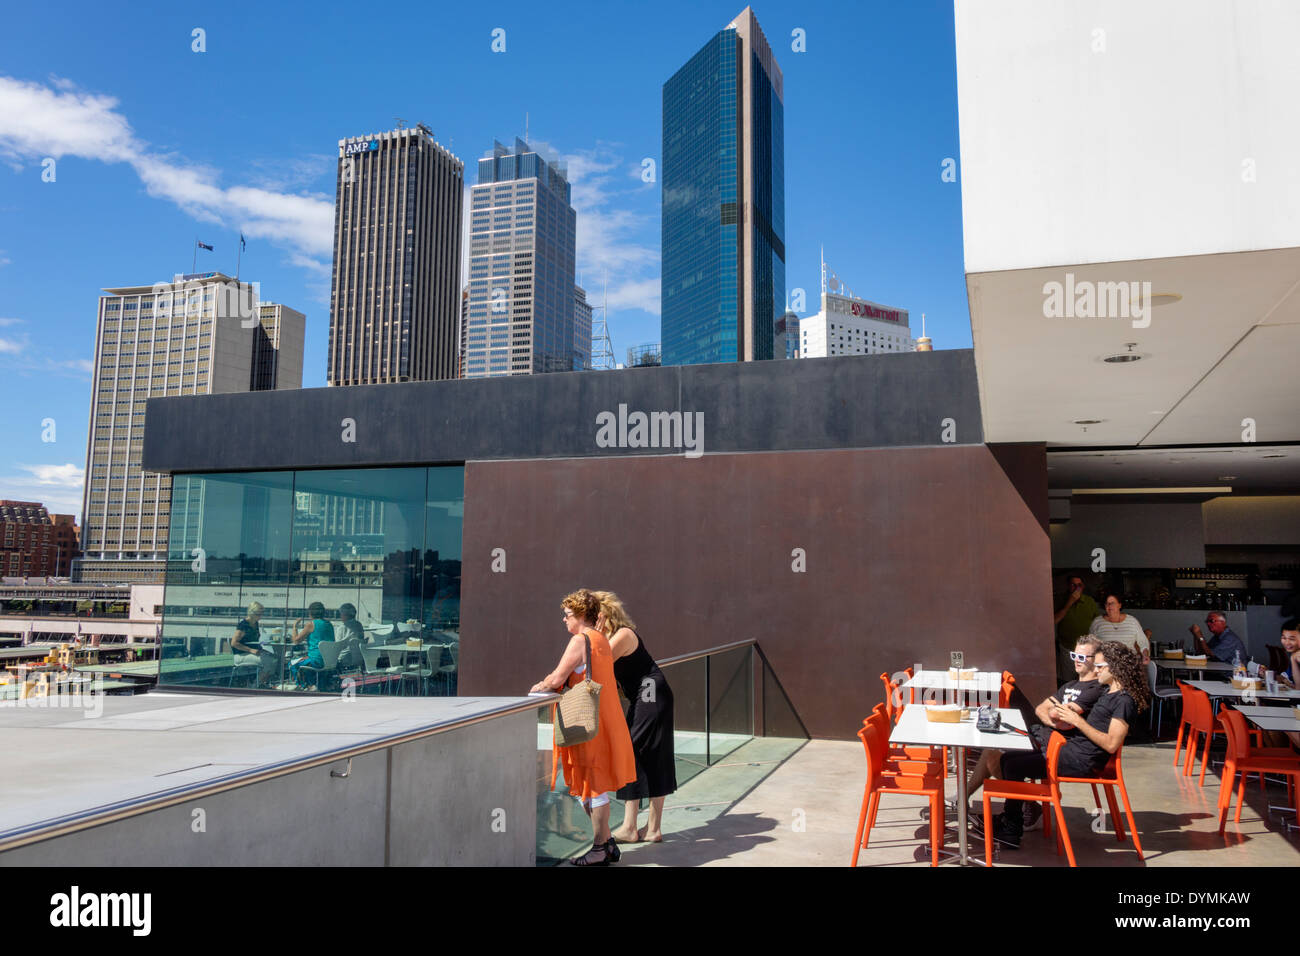 Australia Sydney NSW Nueva Gales del Sur, al oeste del Muelle Circular del Museo de Arte Contemporáneo MCA Imagen De Stock